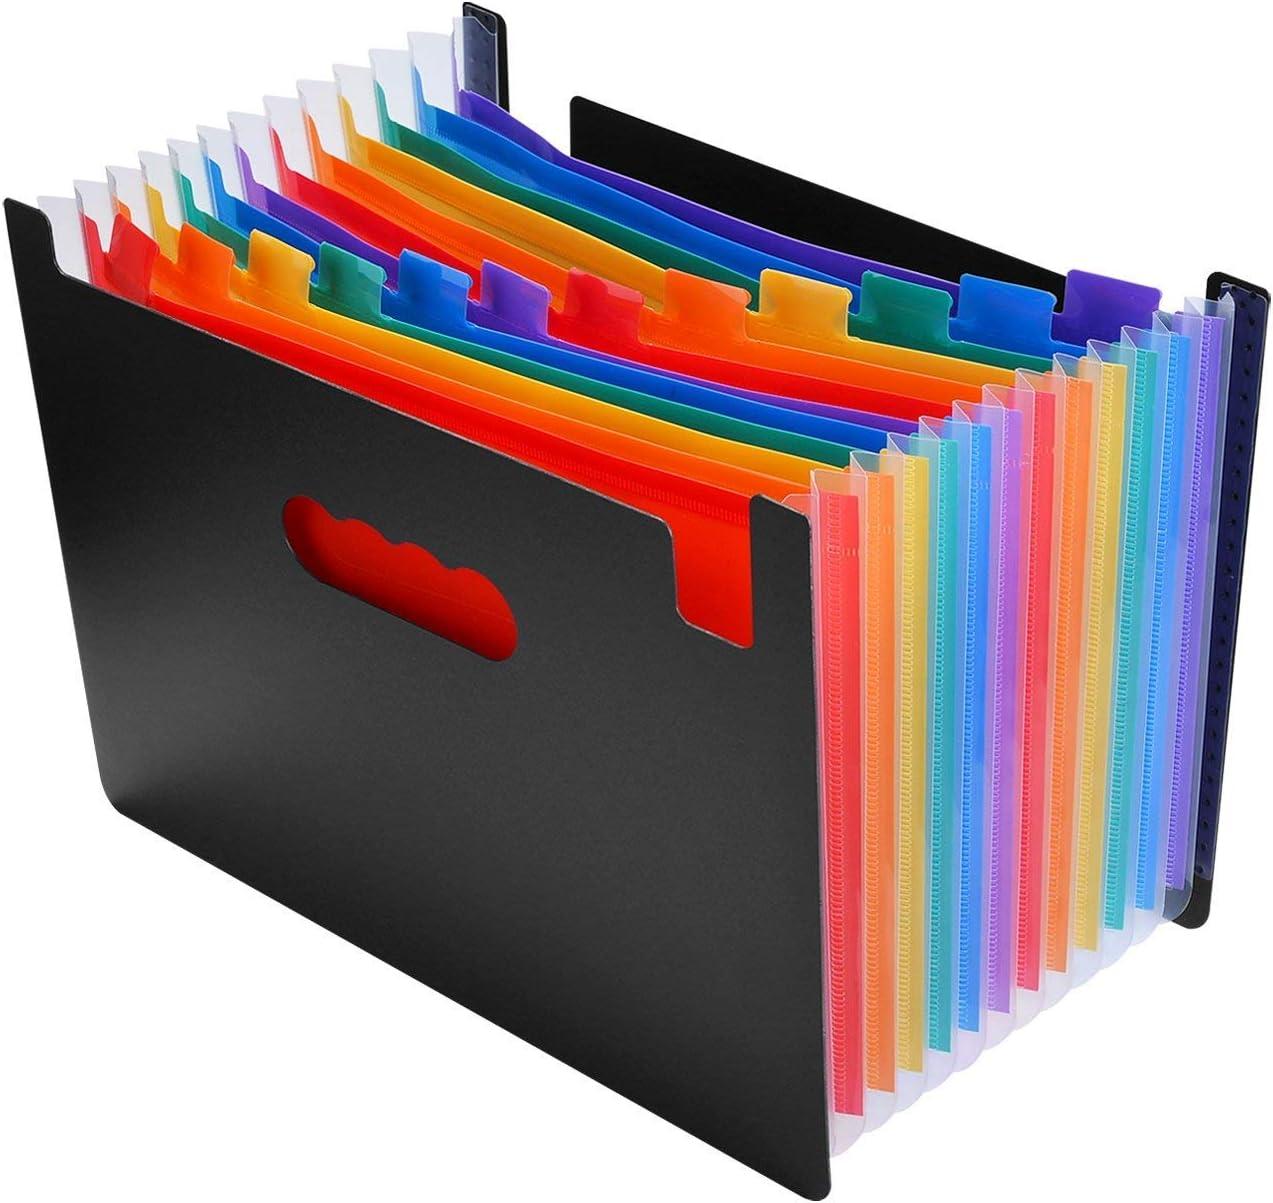 Trieur Extensible 24 Compartiments,A5 Taille//10 x 5,5 Pouces,Chemise Trieur Plastique avec Couvercle//Rangement Bureau Papier Administratif,Range Document Classeur a5 /à Soufflets Valisette Organisateur